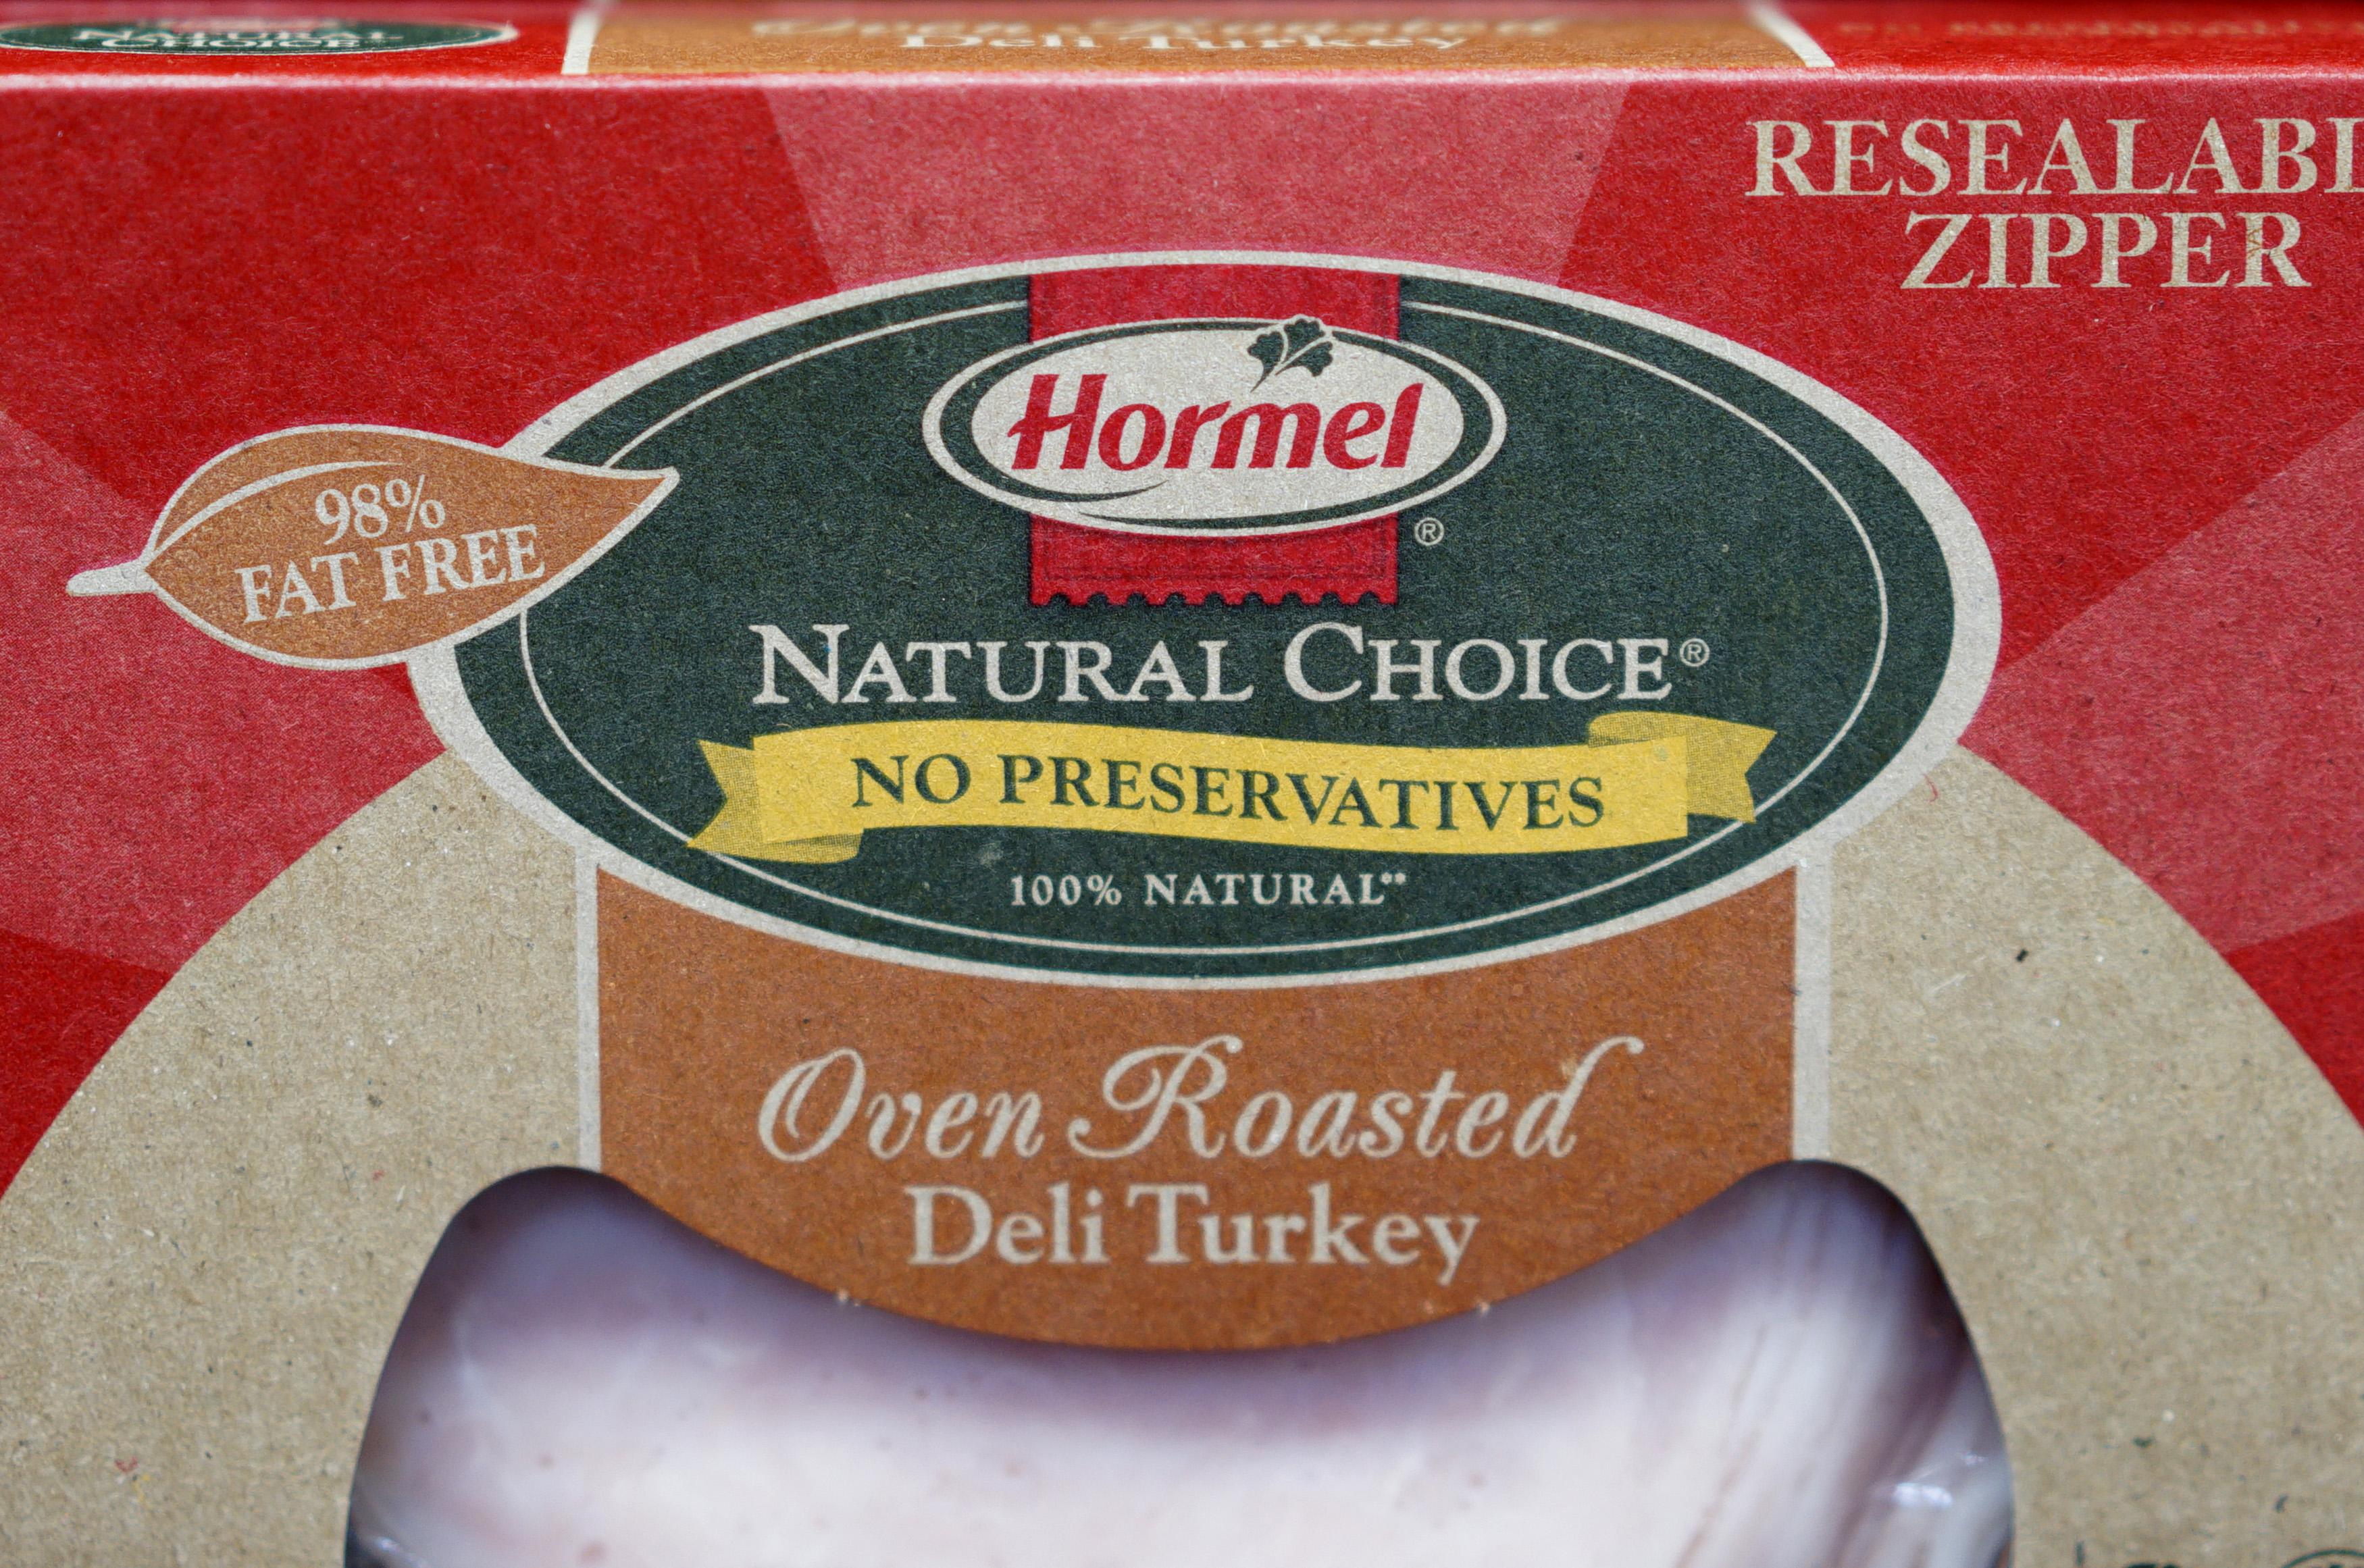 Hormel sliced turkey